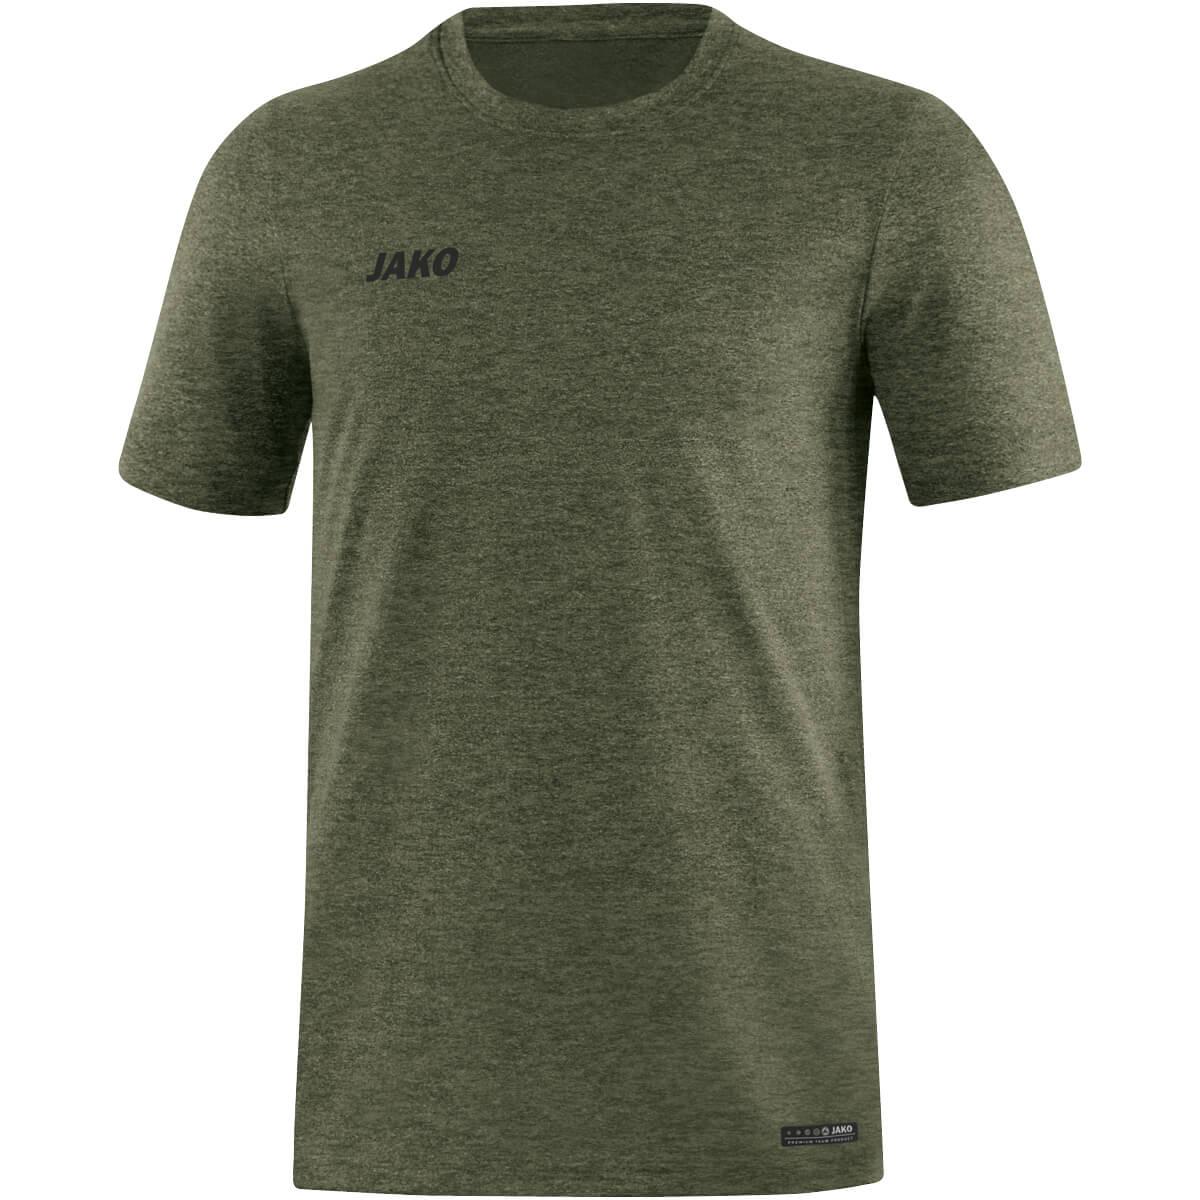 T-Shirt Premium Basics - Frauen | Jako 6129